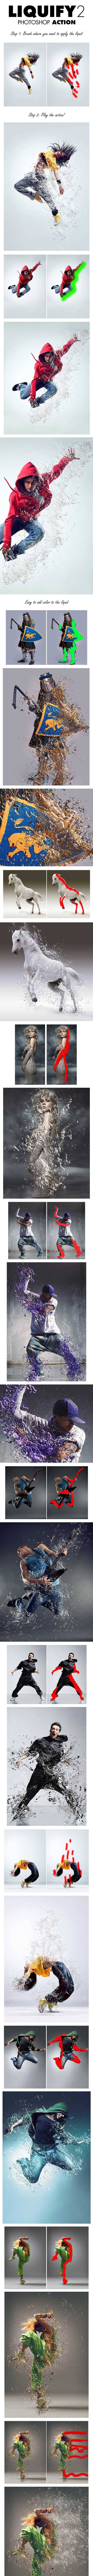 人像照片超酷的水花噴濺裝飾PS動作